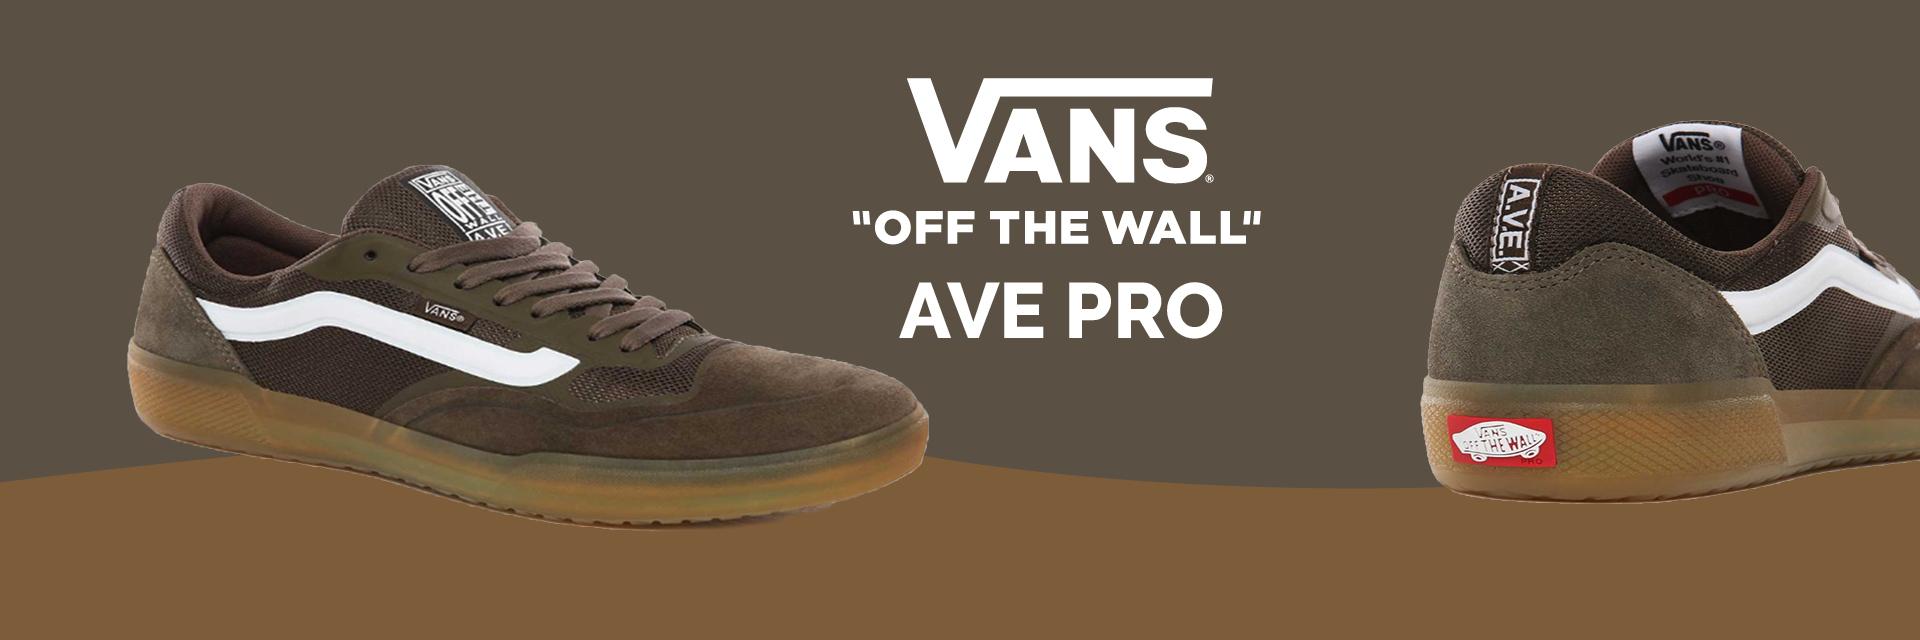 Vans Ave Pro